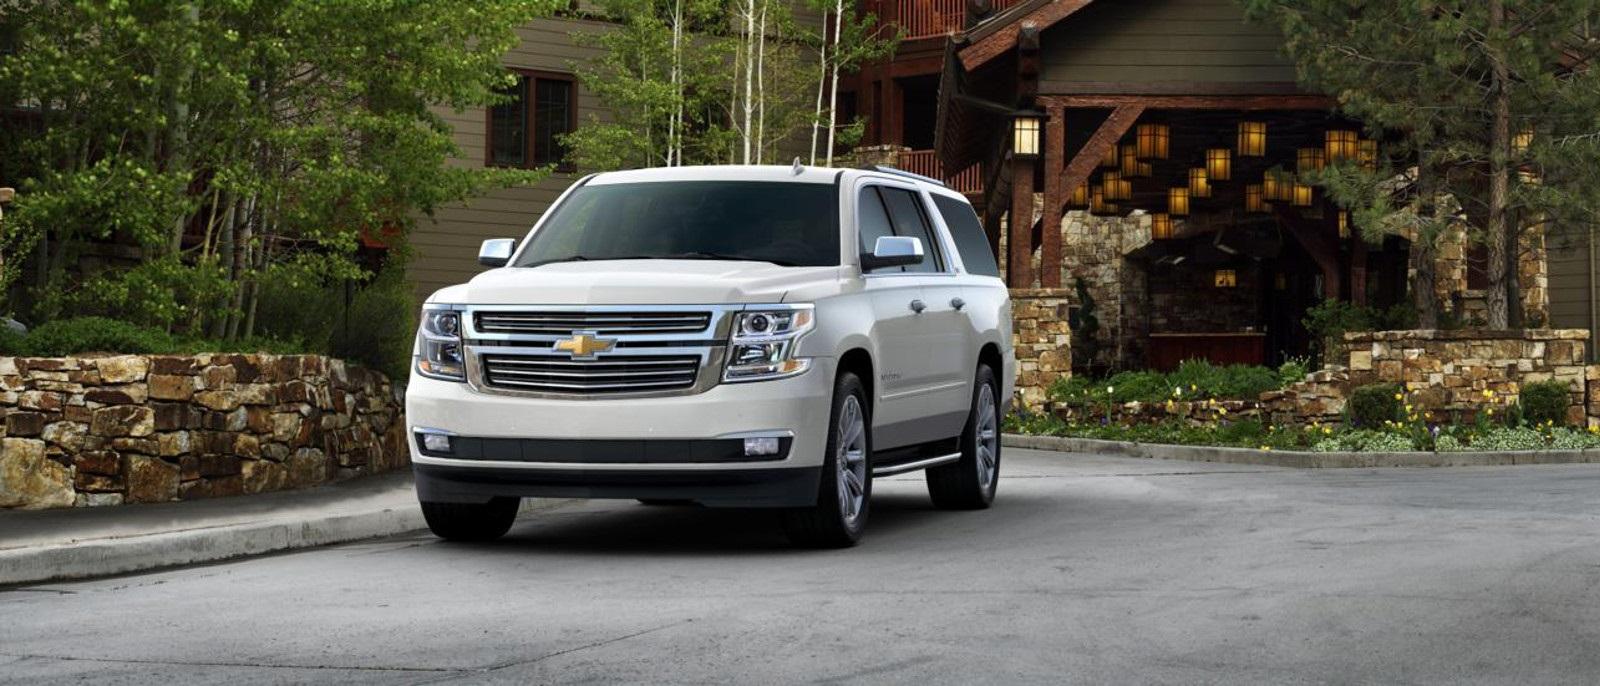 2016 Chevrolet Suburban, Gregg Young Chevrolet Omaha